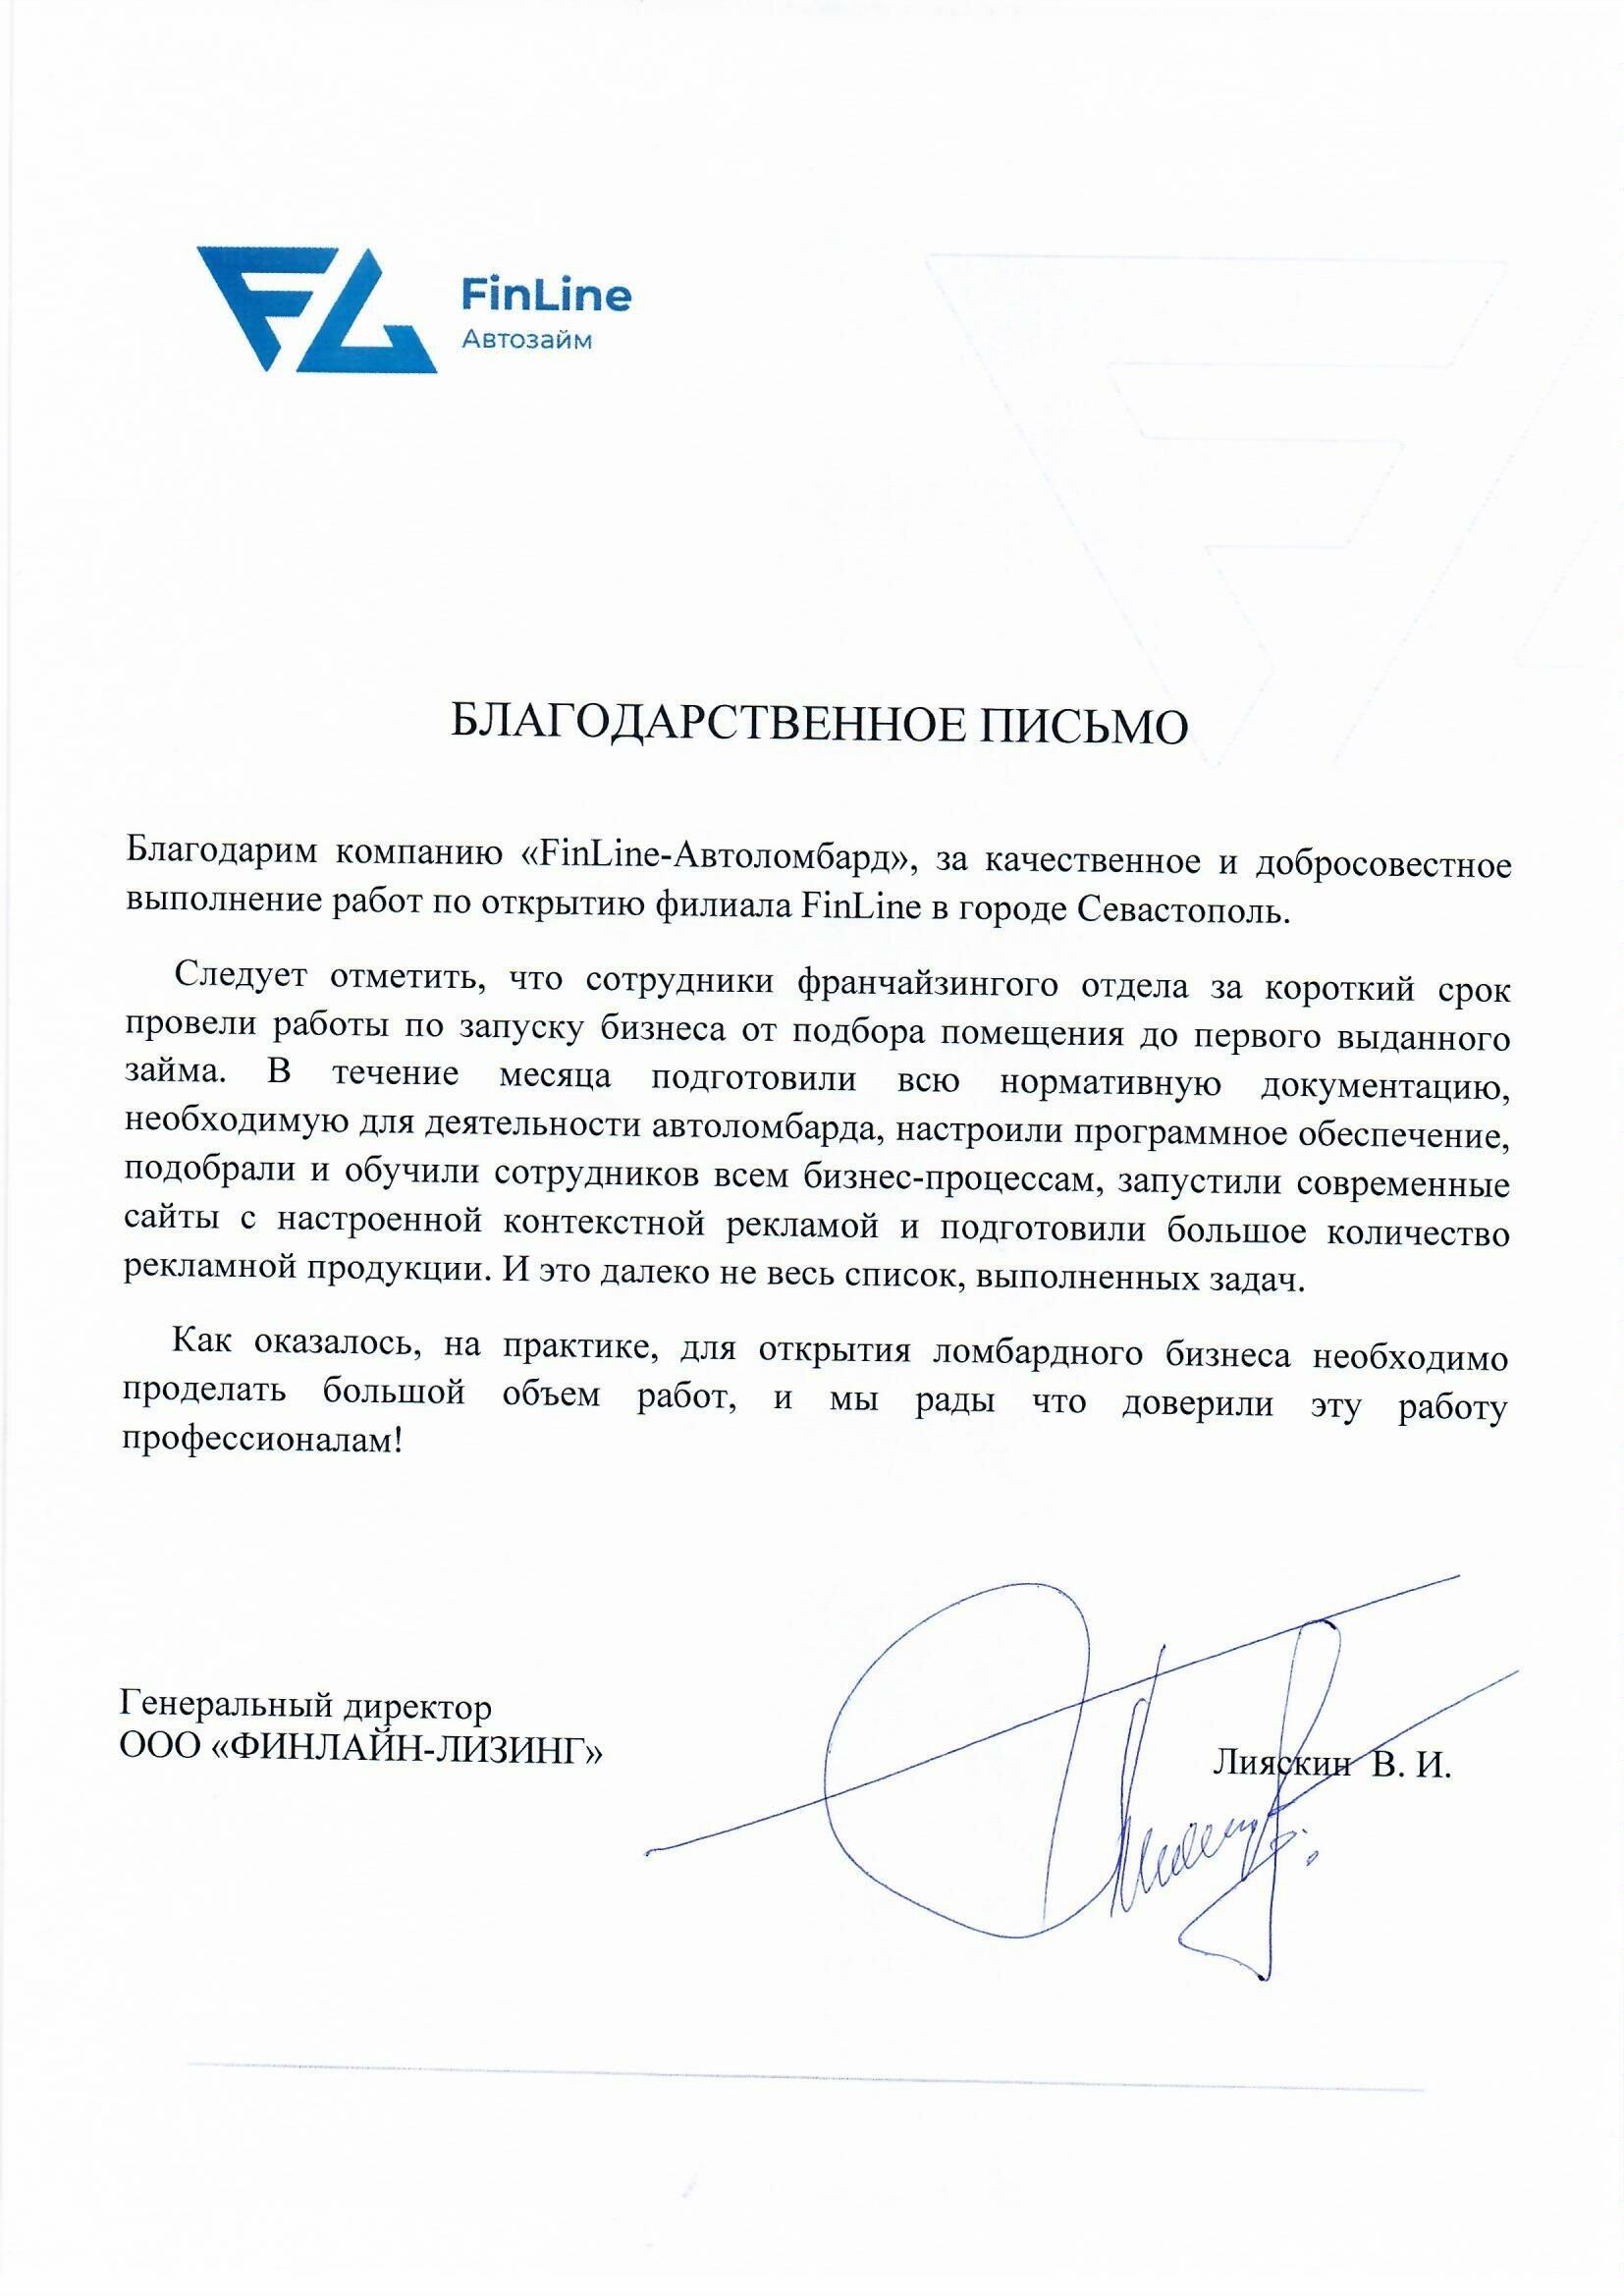 Отзывы о франшизе автоломбард finline авто аренда с выкупом краснодар без залога и первоначального взноса